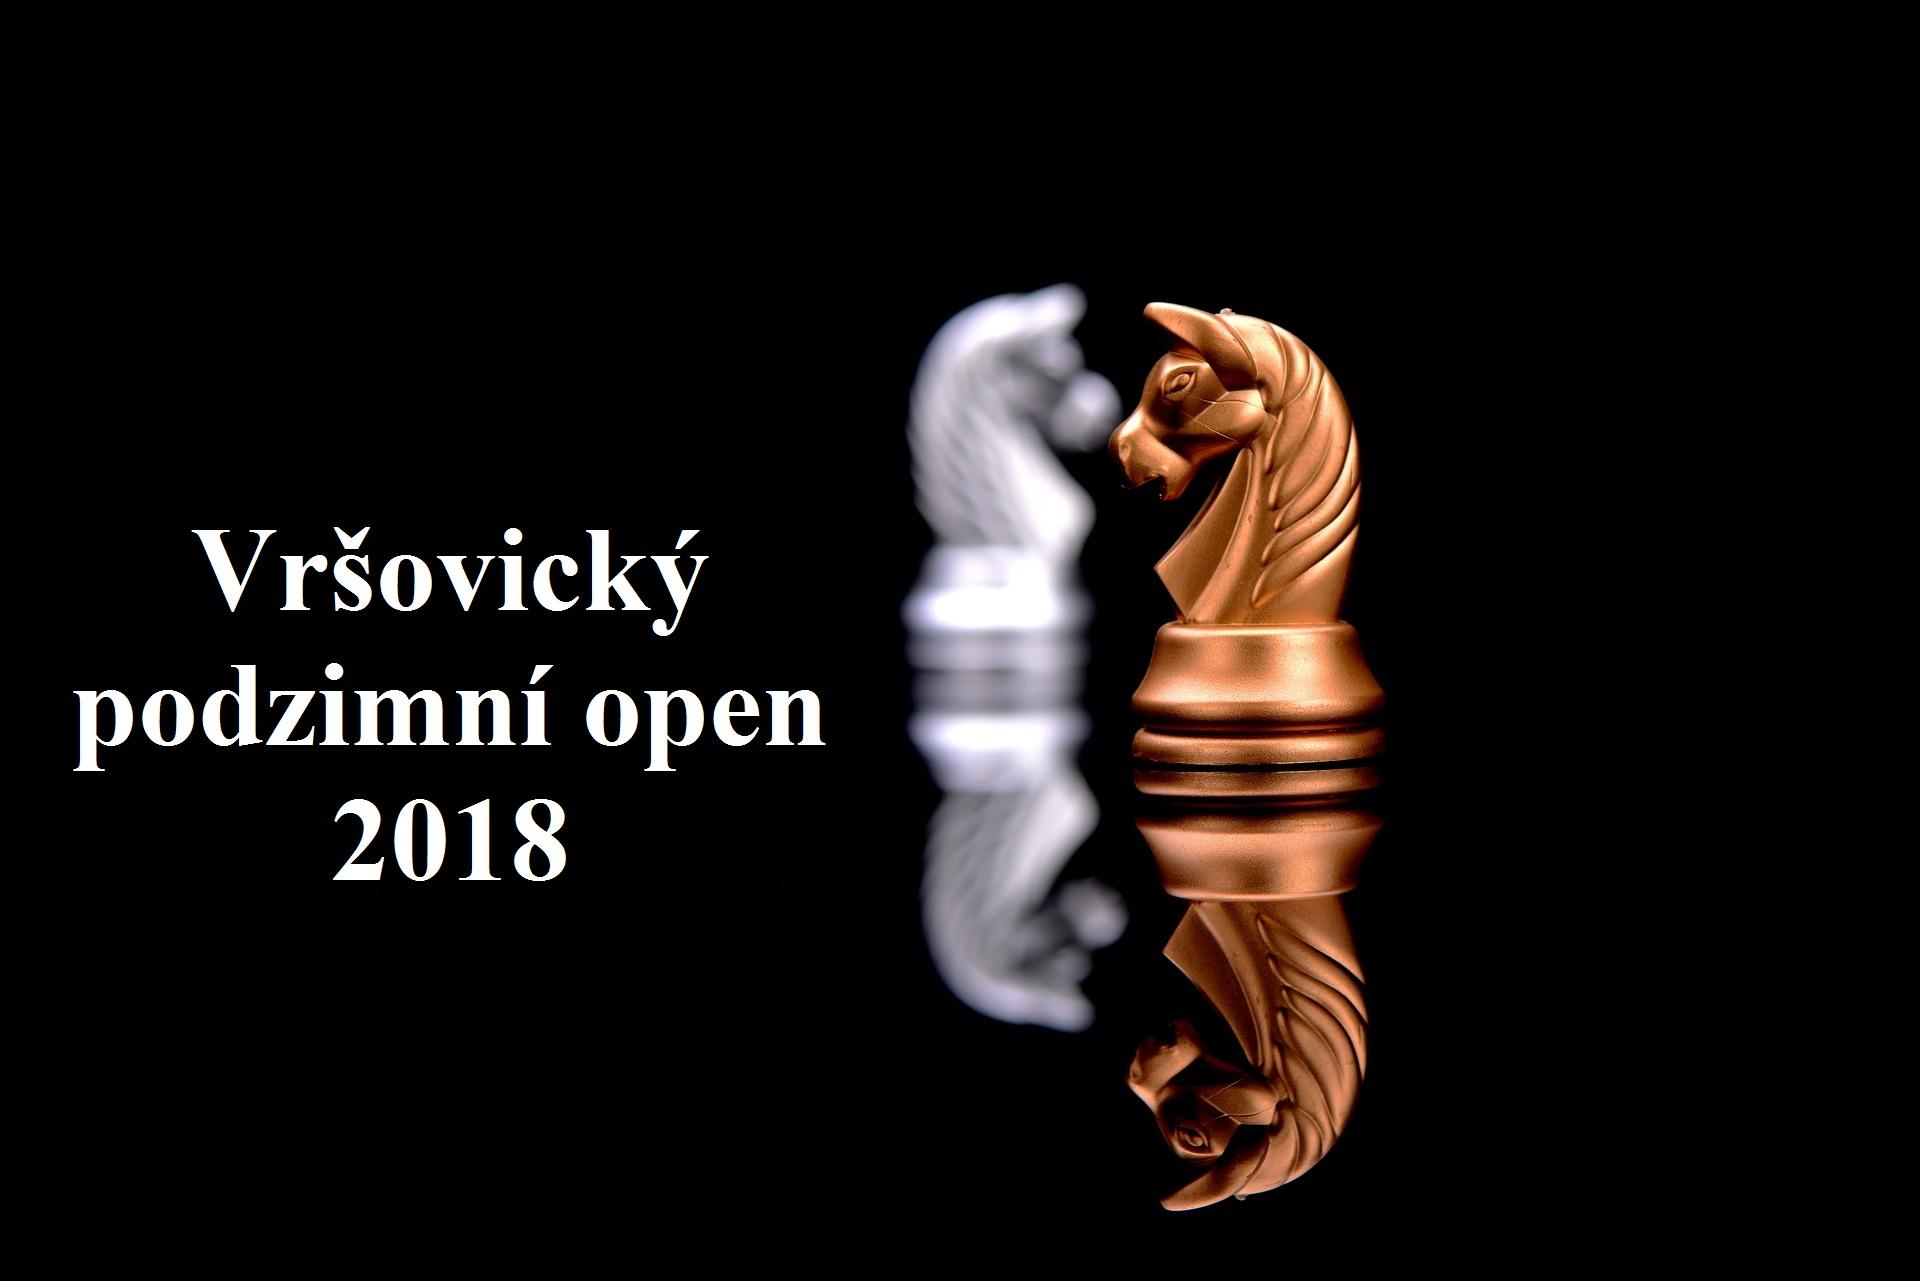 Vršovický podzimní open 2018